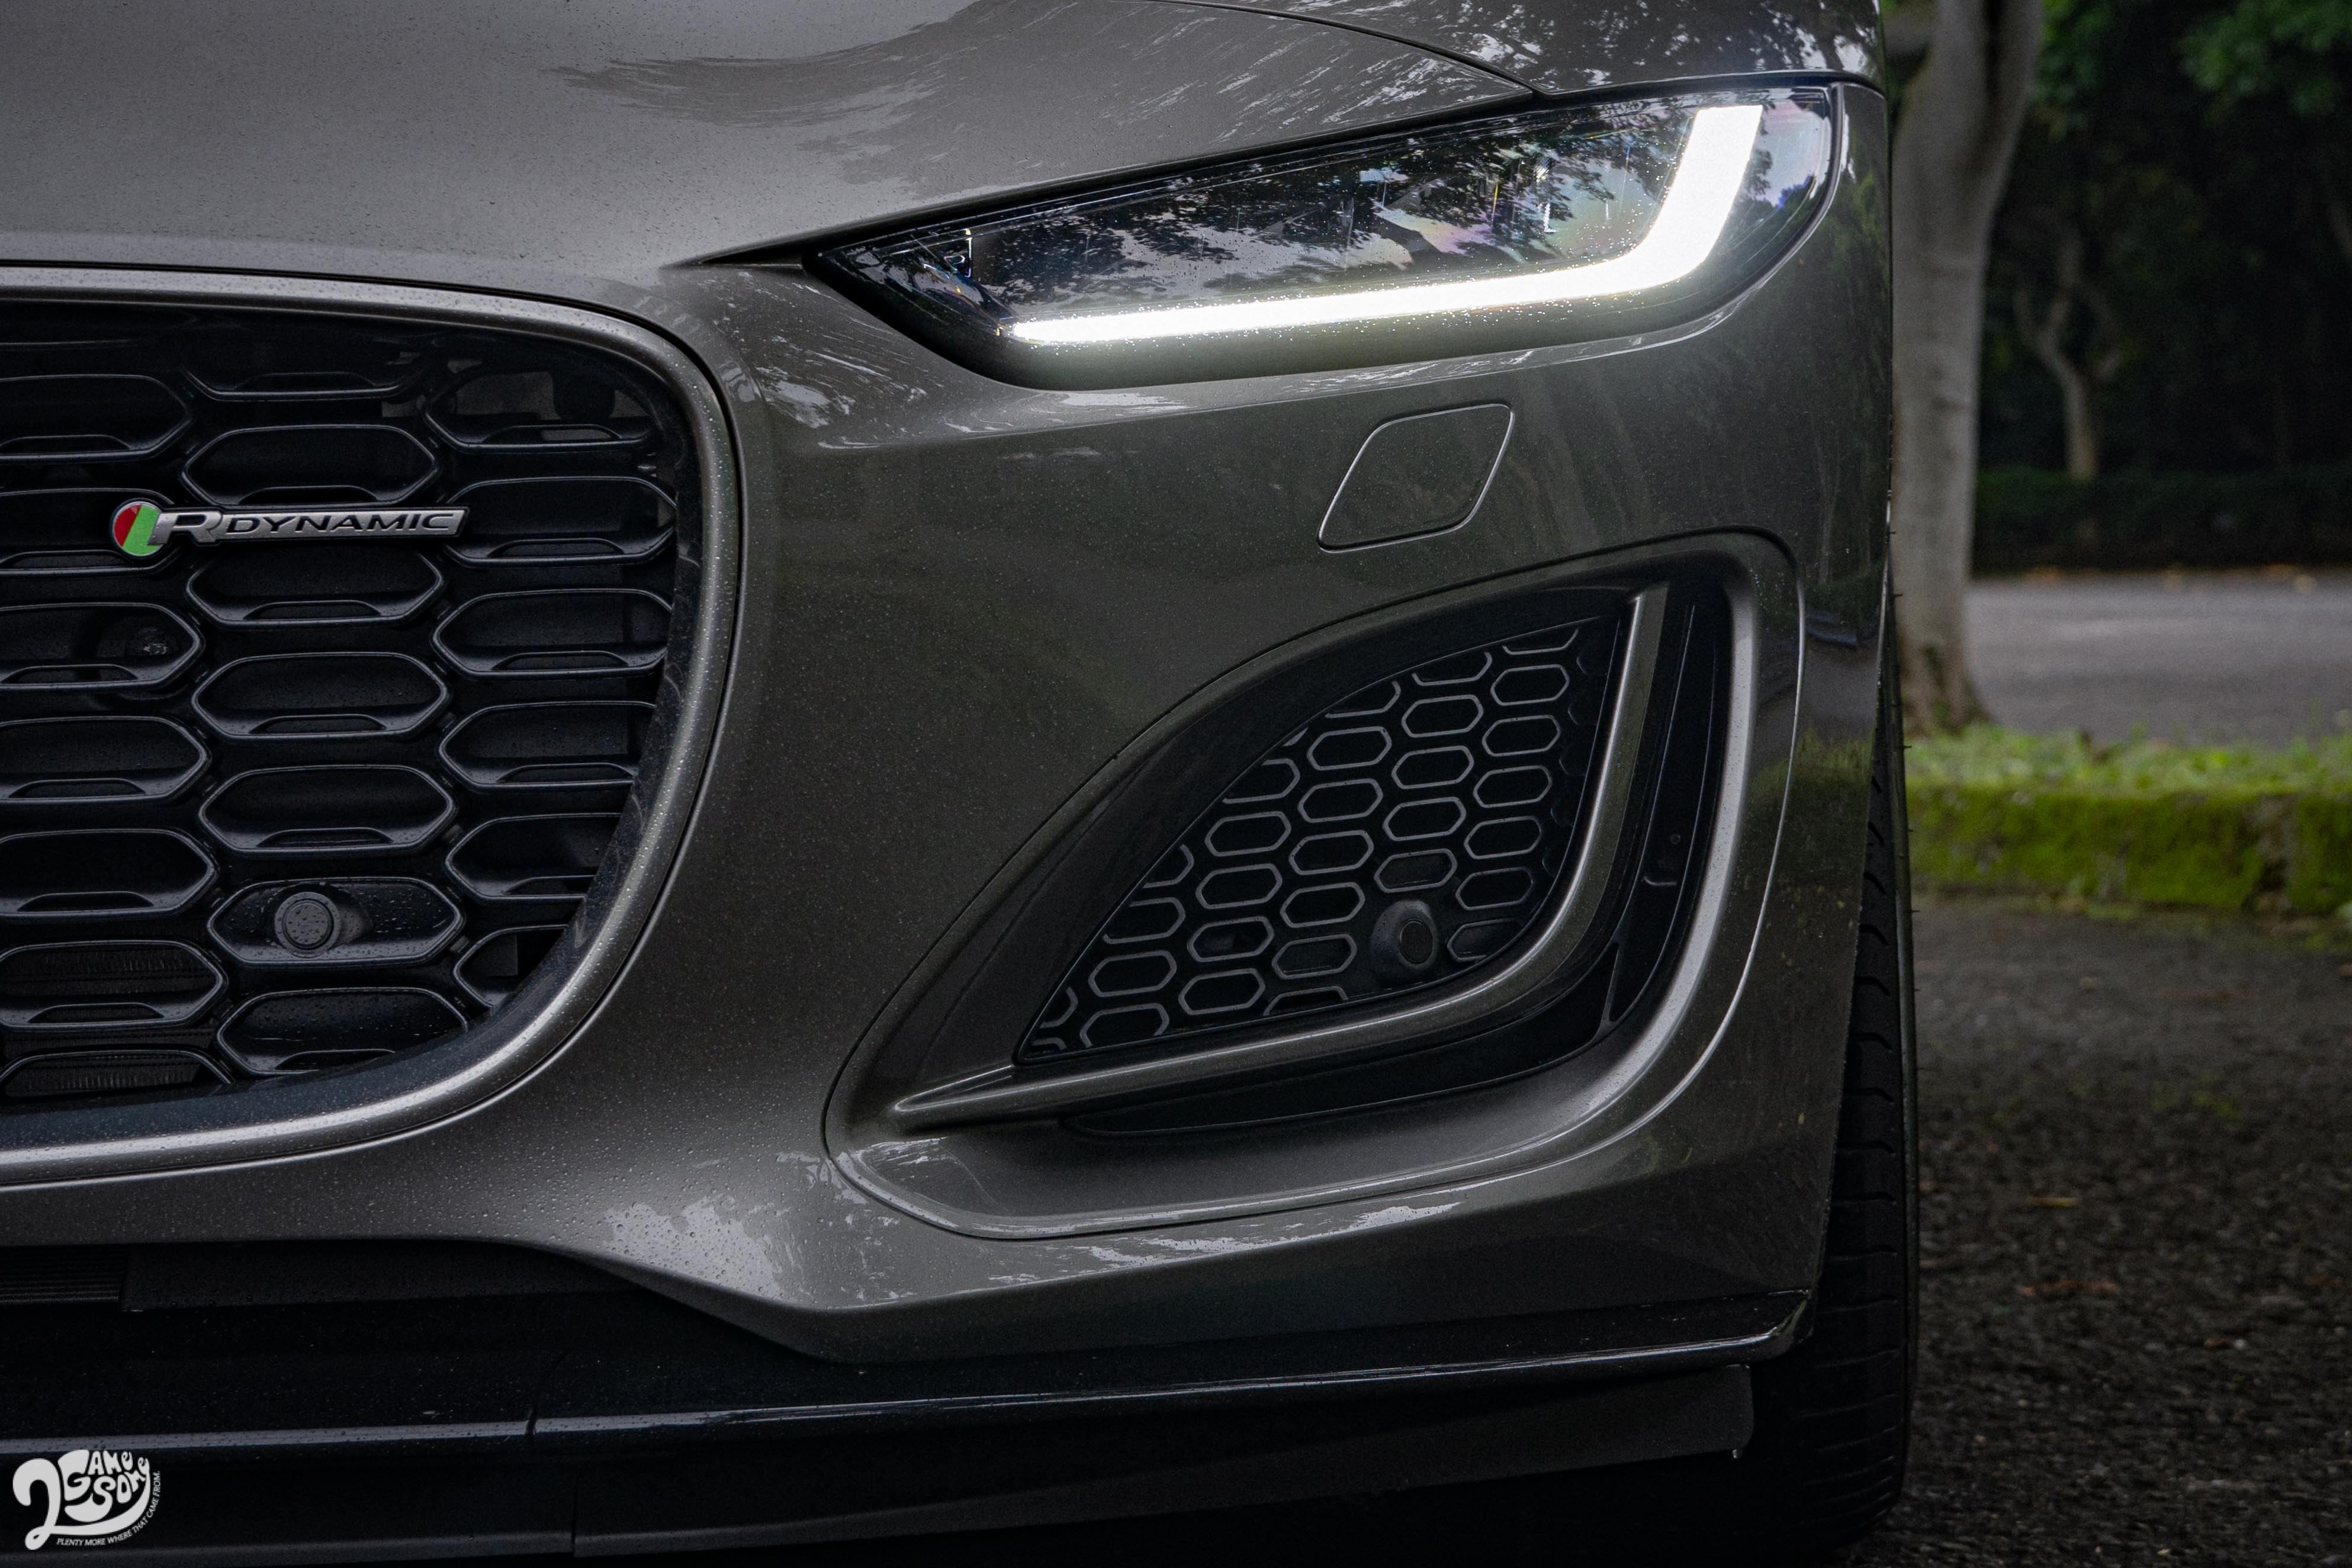 細長的頭燈造型搭配兩側氣壩設計,讓車頭視覺重心更往下沉。